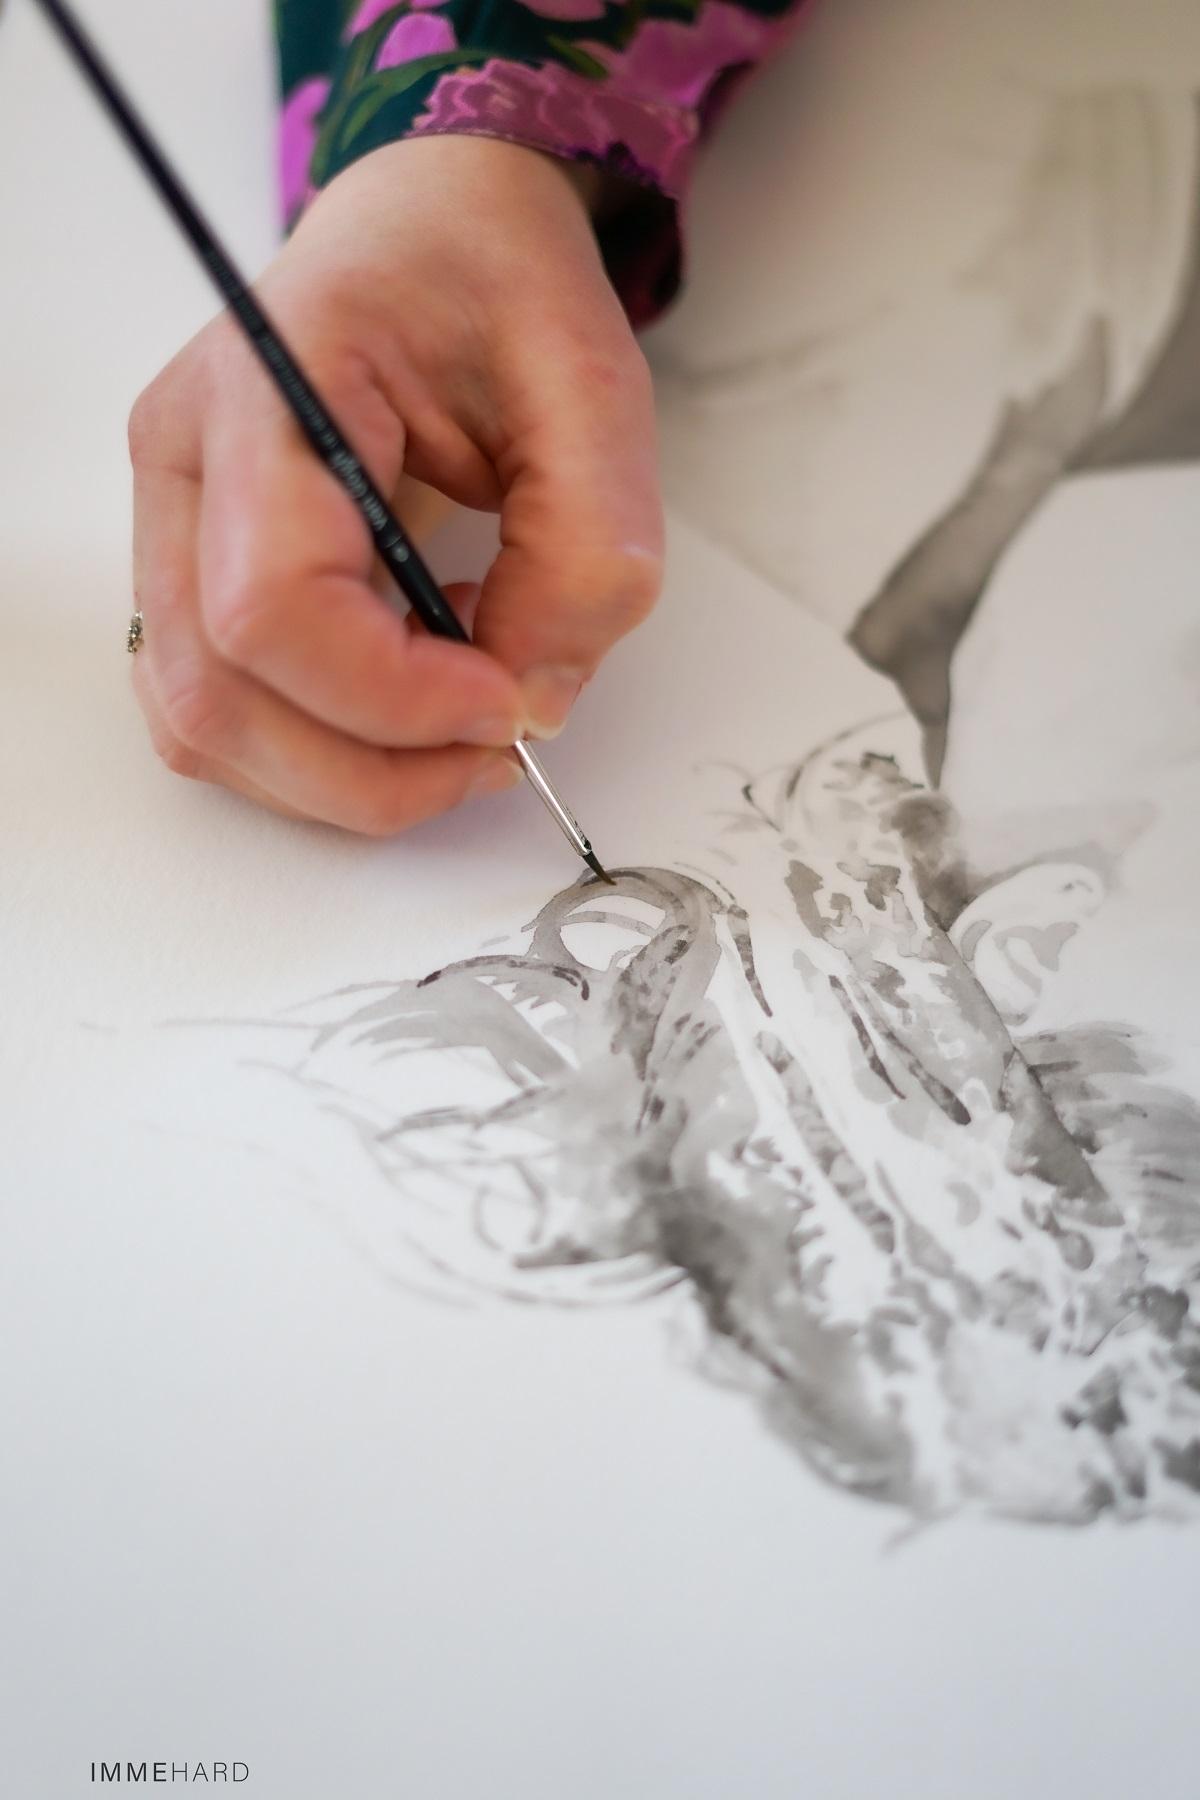 detailfoto van madameruiz aan het schilderen aan een inkt portret fotografie door IMMEhard